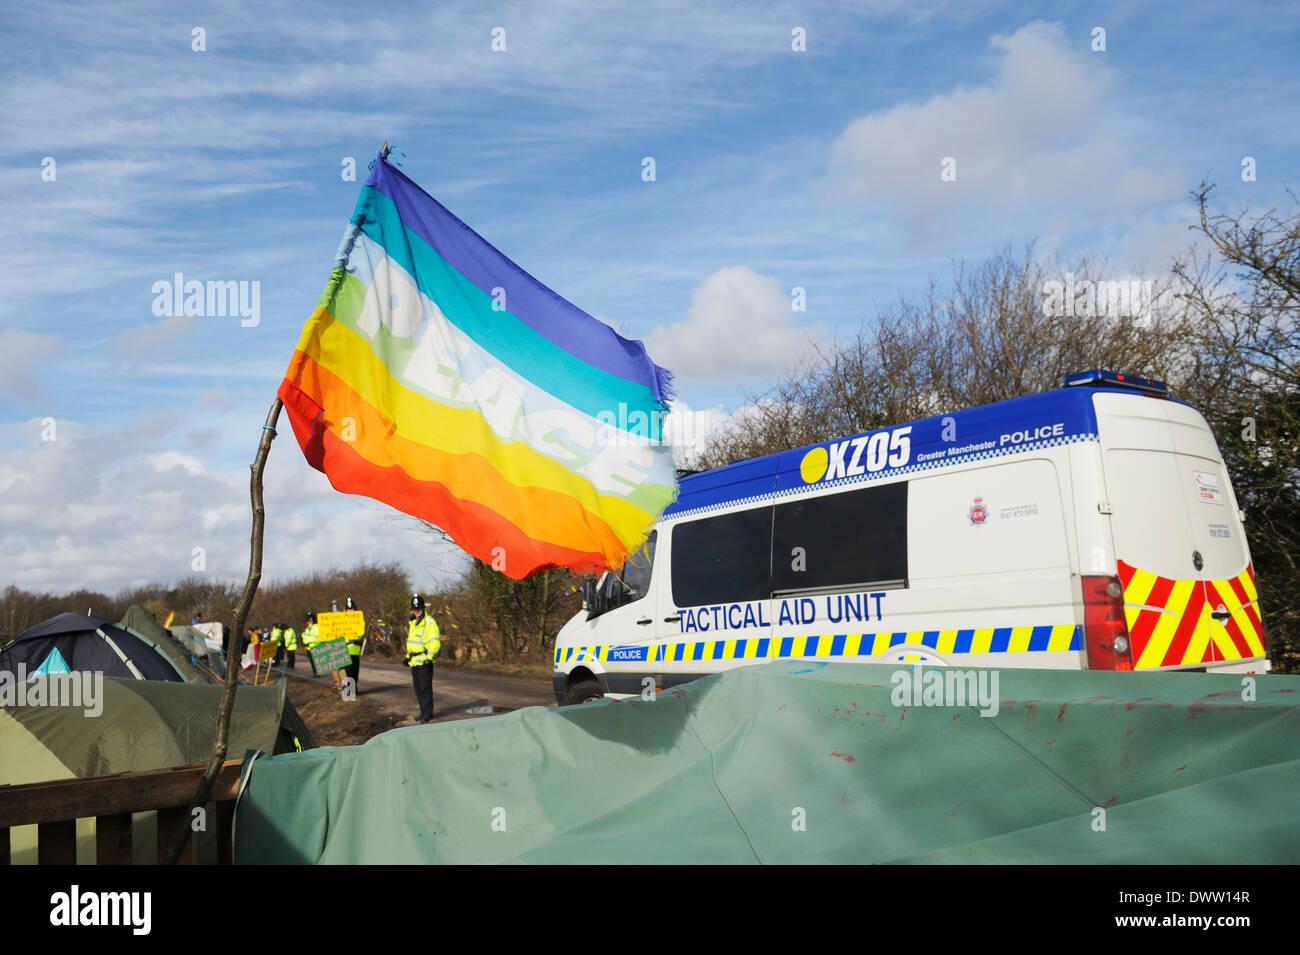 Unité de l'aide tactique pendant la conduite passé un drapeau de paix puisqu'elle conduit les véhicules et les protestataires à l'iGas site de forage. Photo Stock